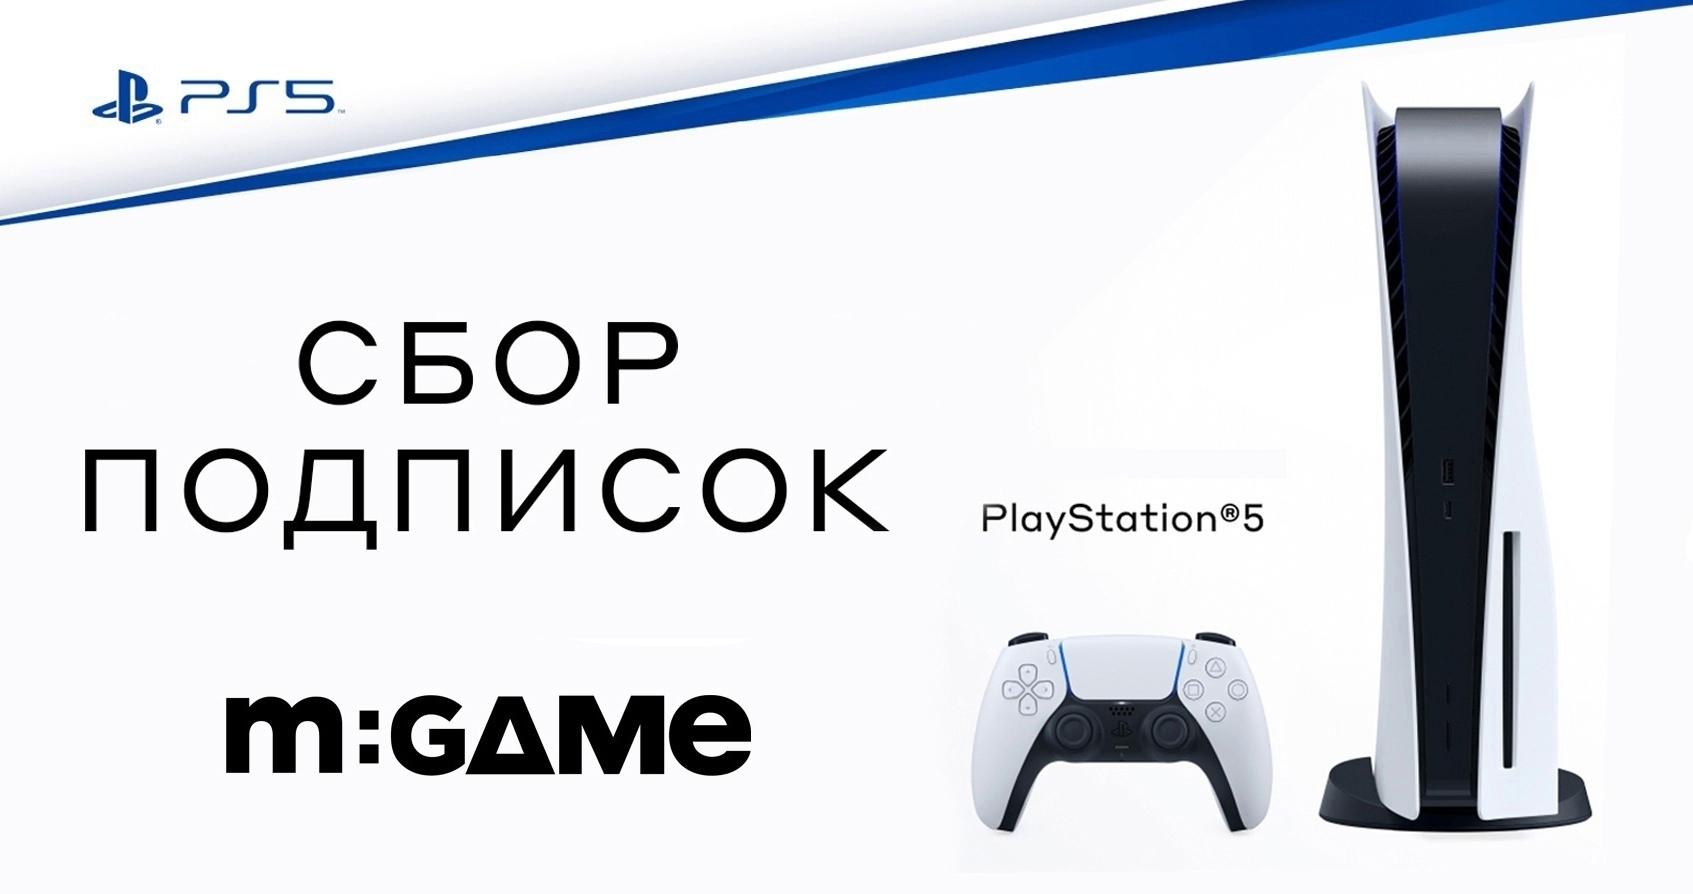 В 15:00 МСК, уже через 20 минут, в М.Видео откроется форма для заказа PS5 с дисководом из следующей партии